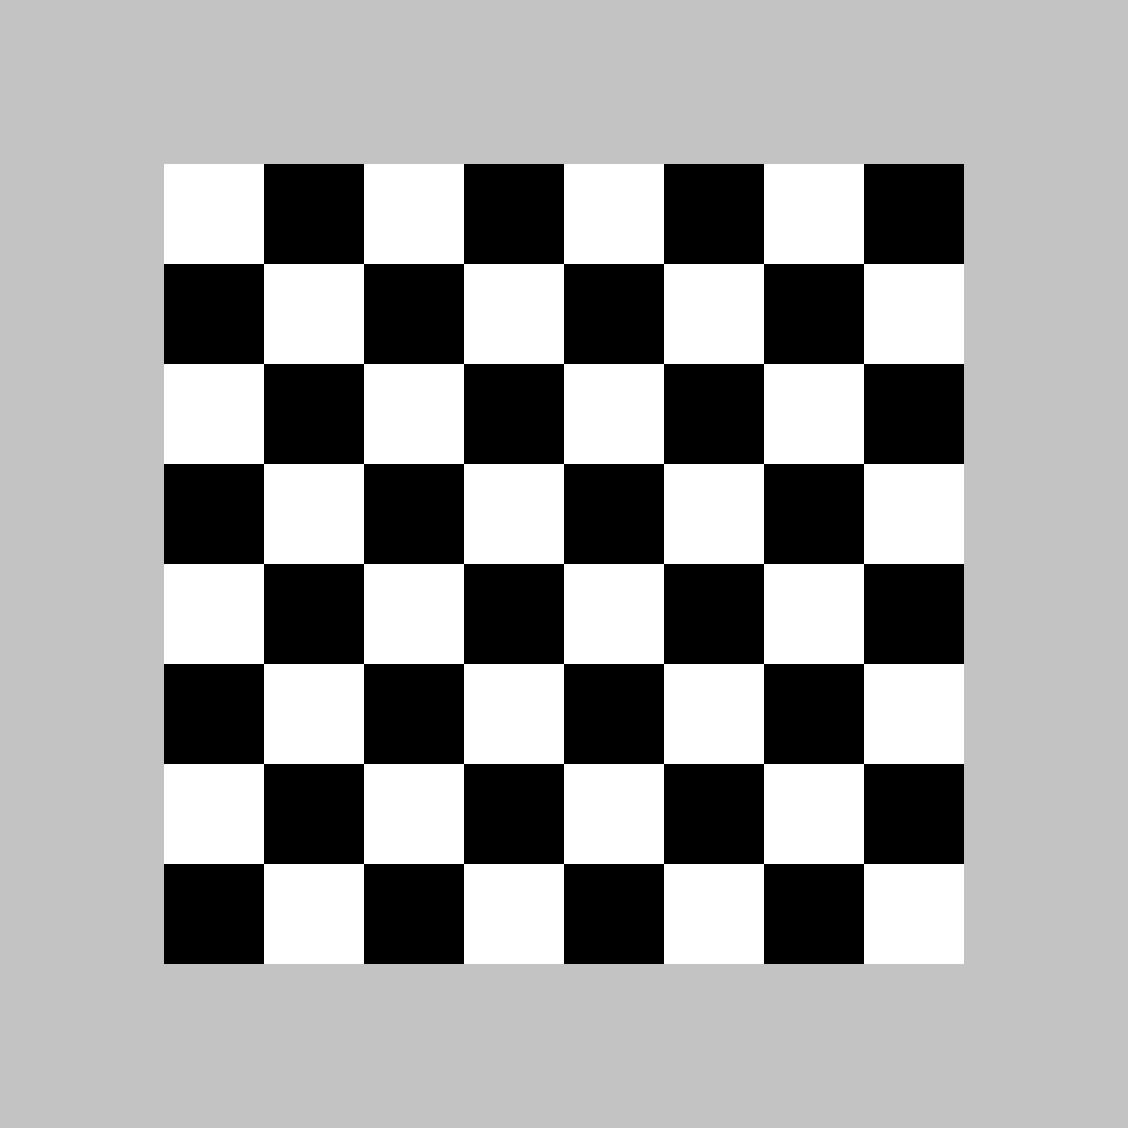 surface d'un carré de côté 8=64